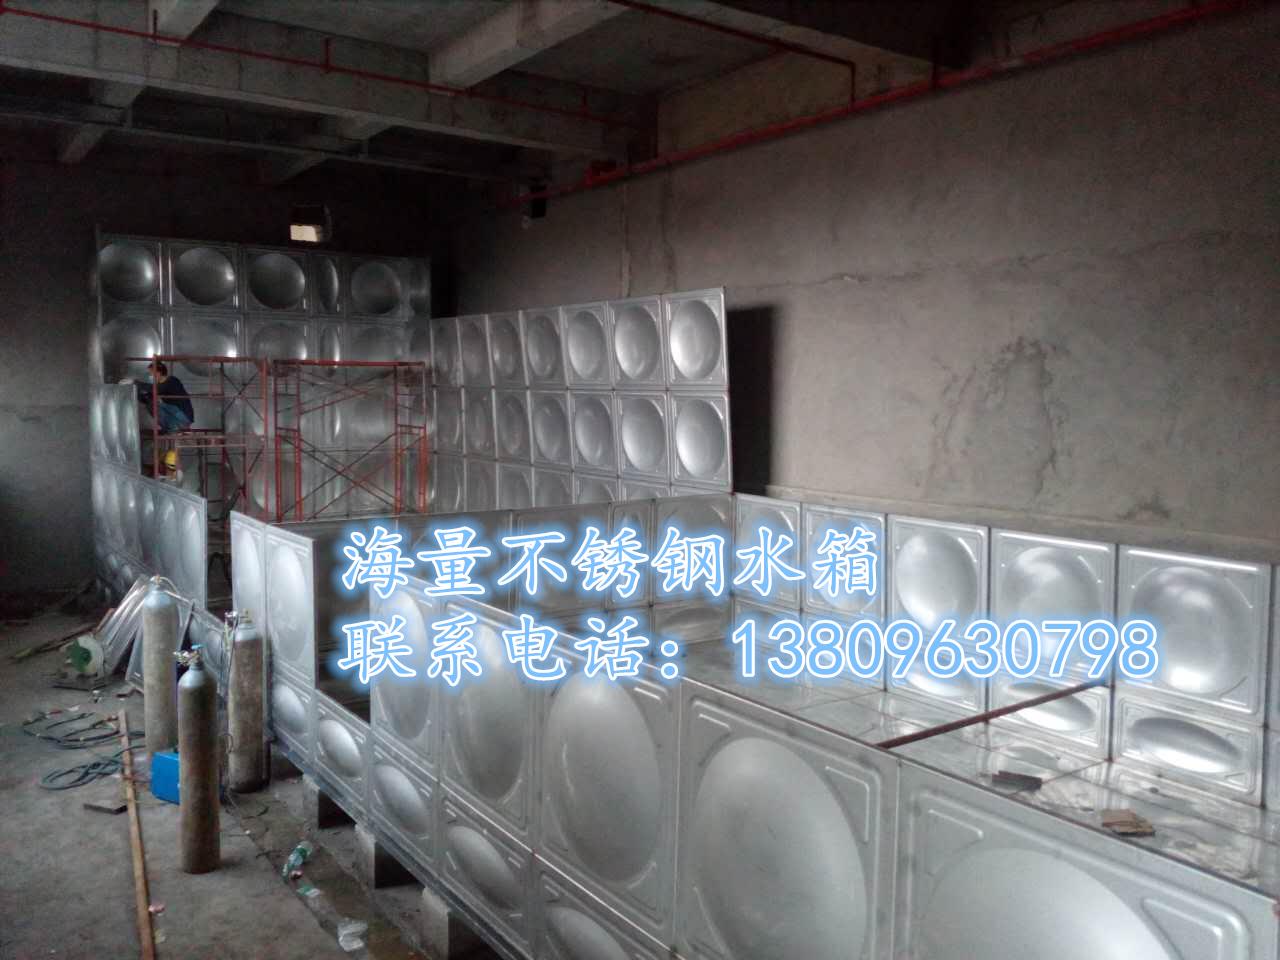 清远不锈钢组合水箱厂家生产组合水箱